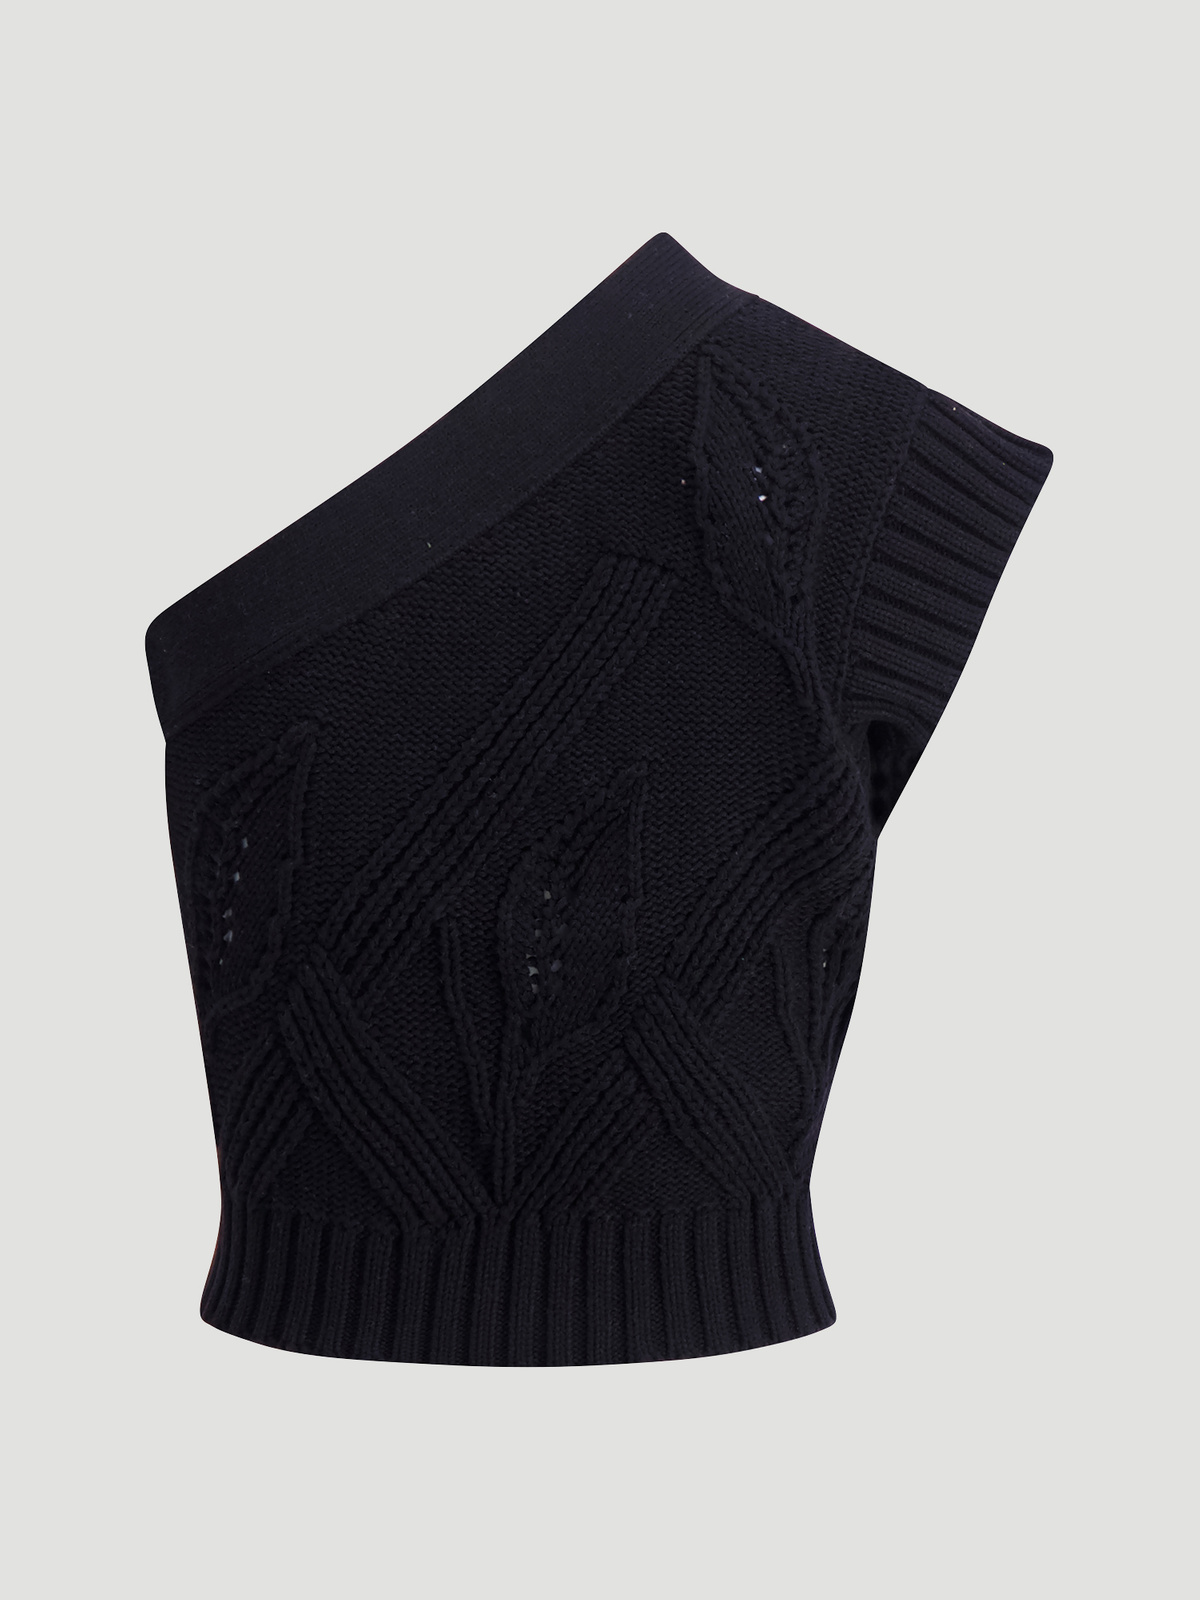 Beagle Knit Vest  Black 5